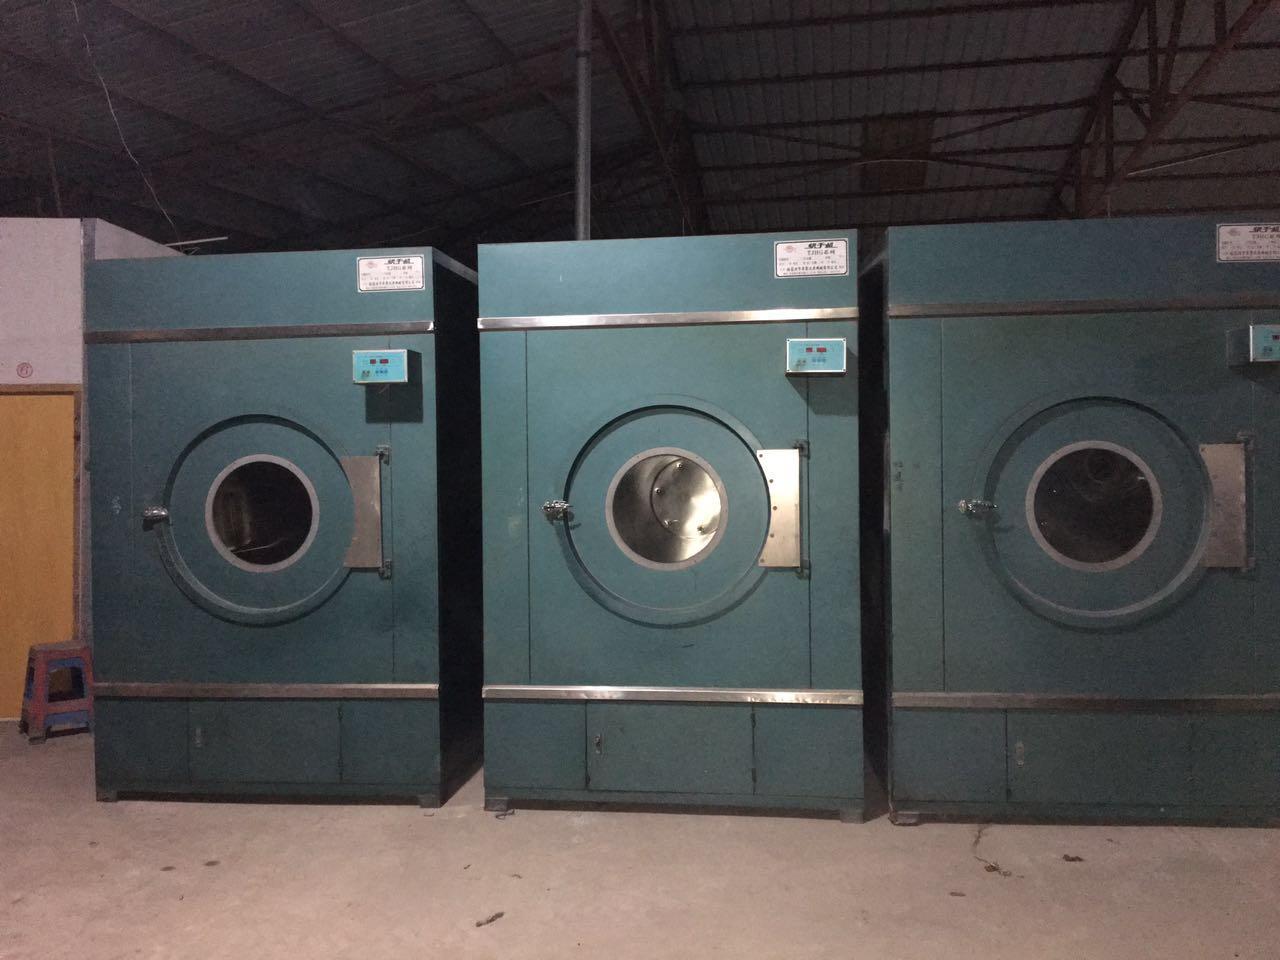 泉州哪里有专业的川岛洗脱机——推荐二手洗衣机